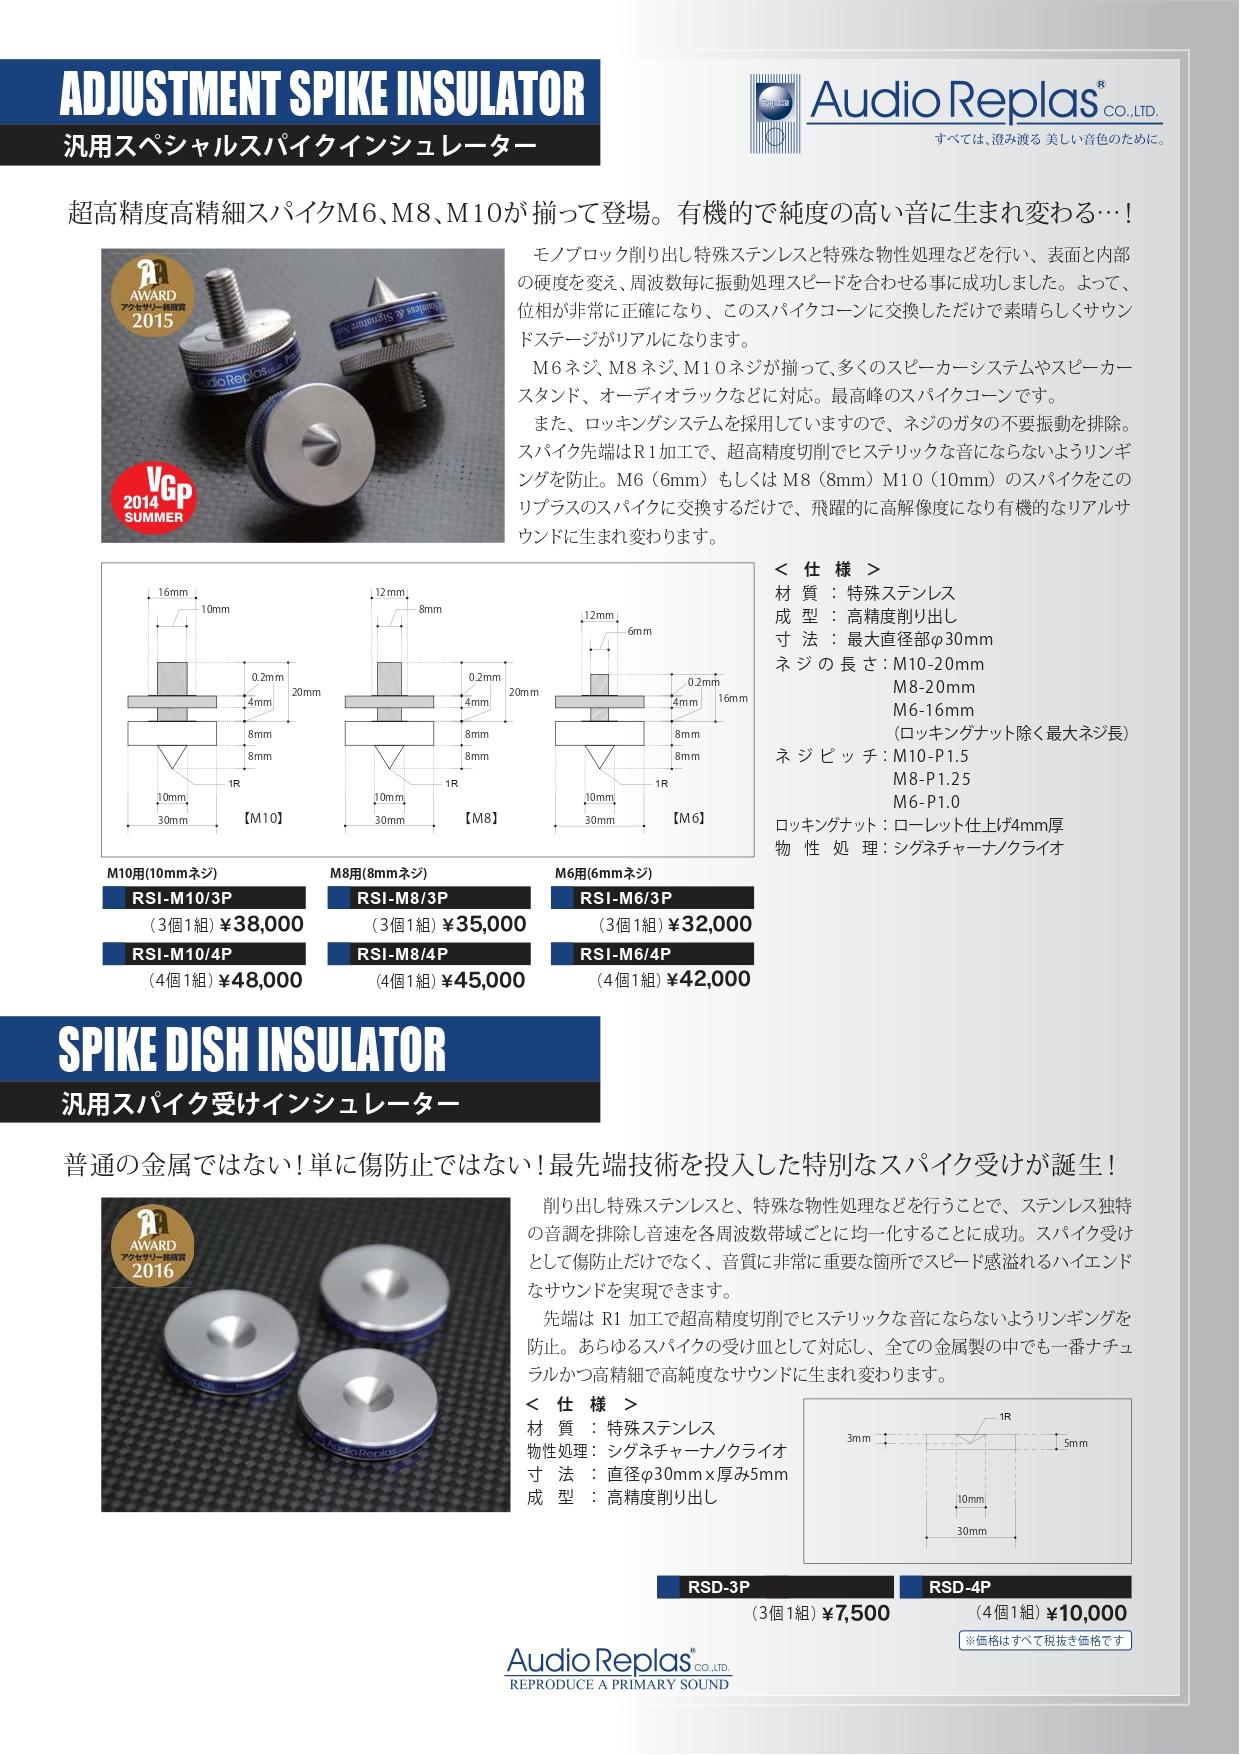 新製品カタログSpikeInsulator_200210_page-0001